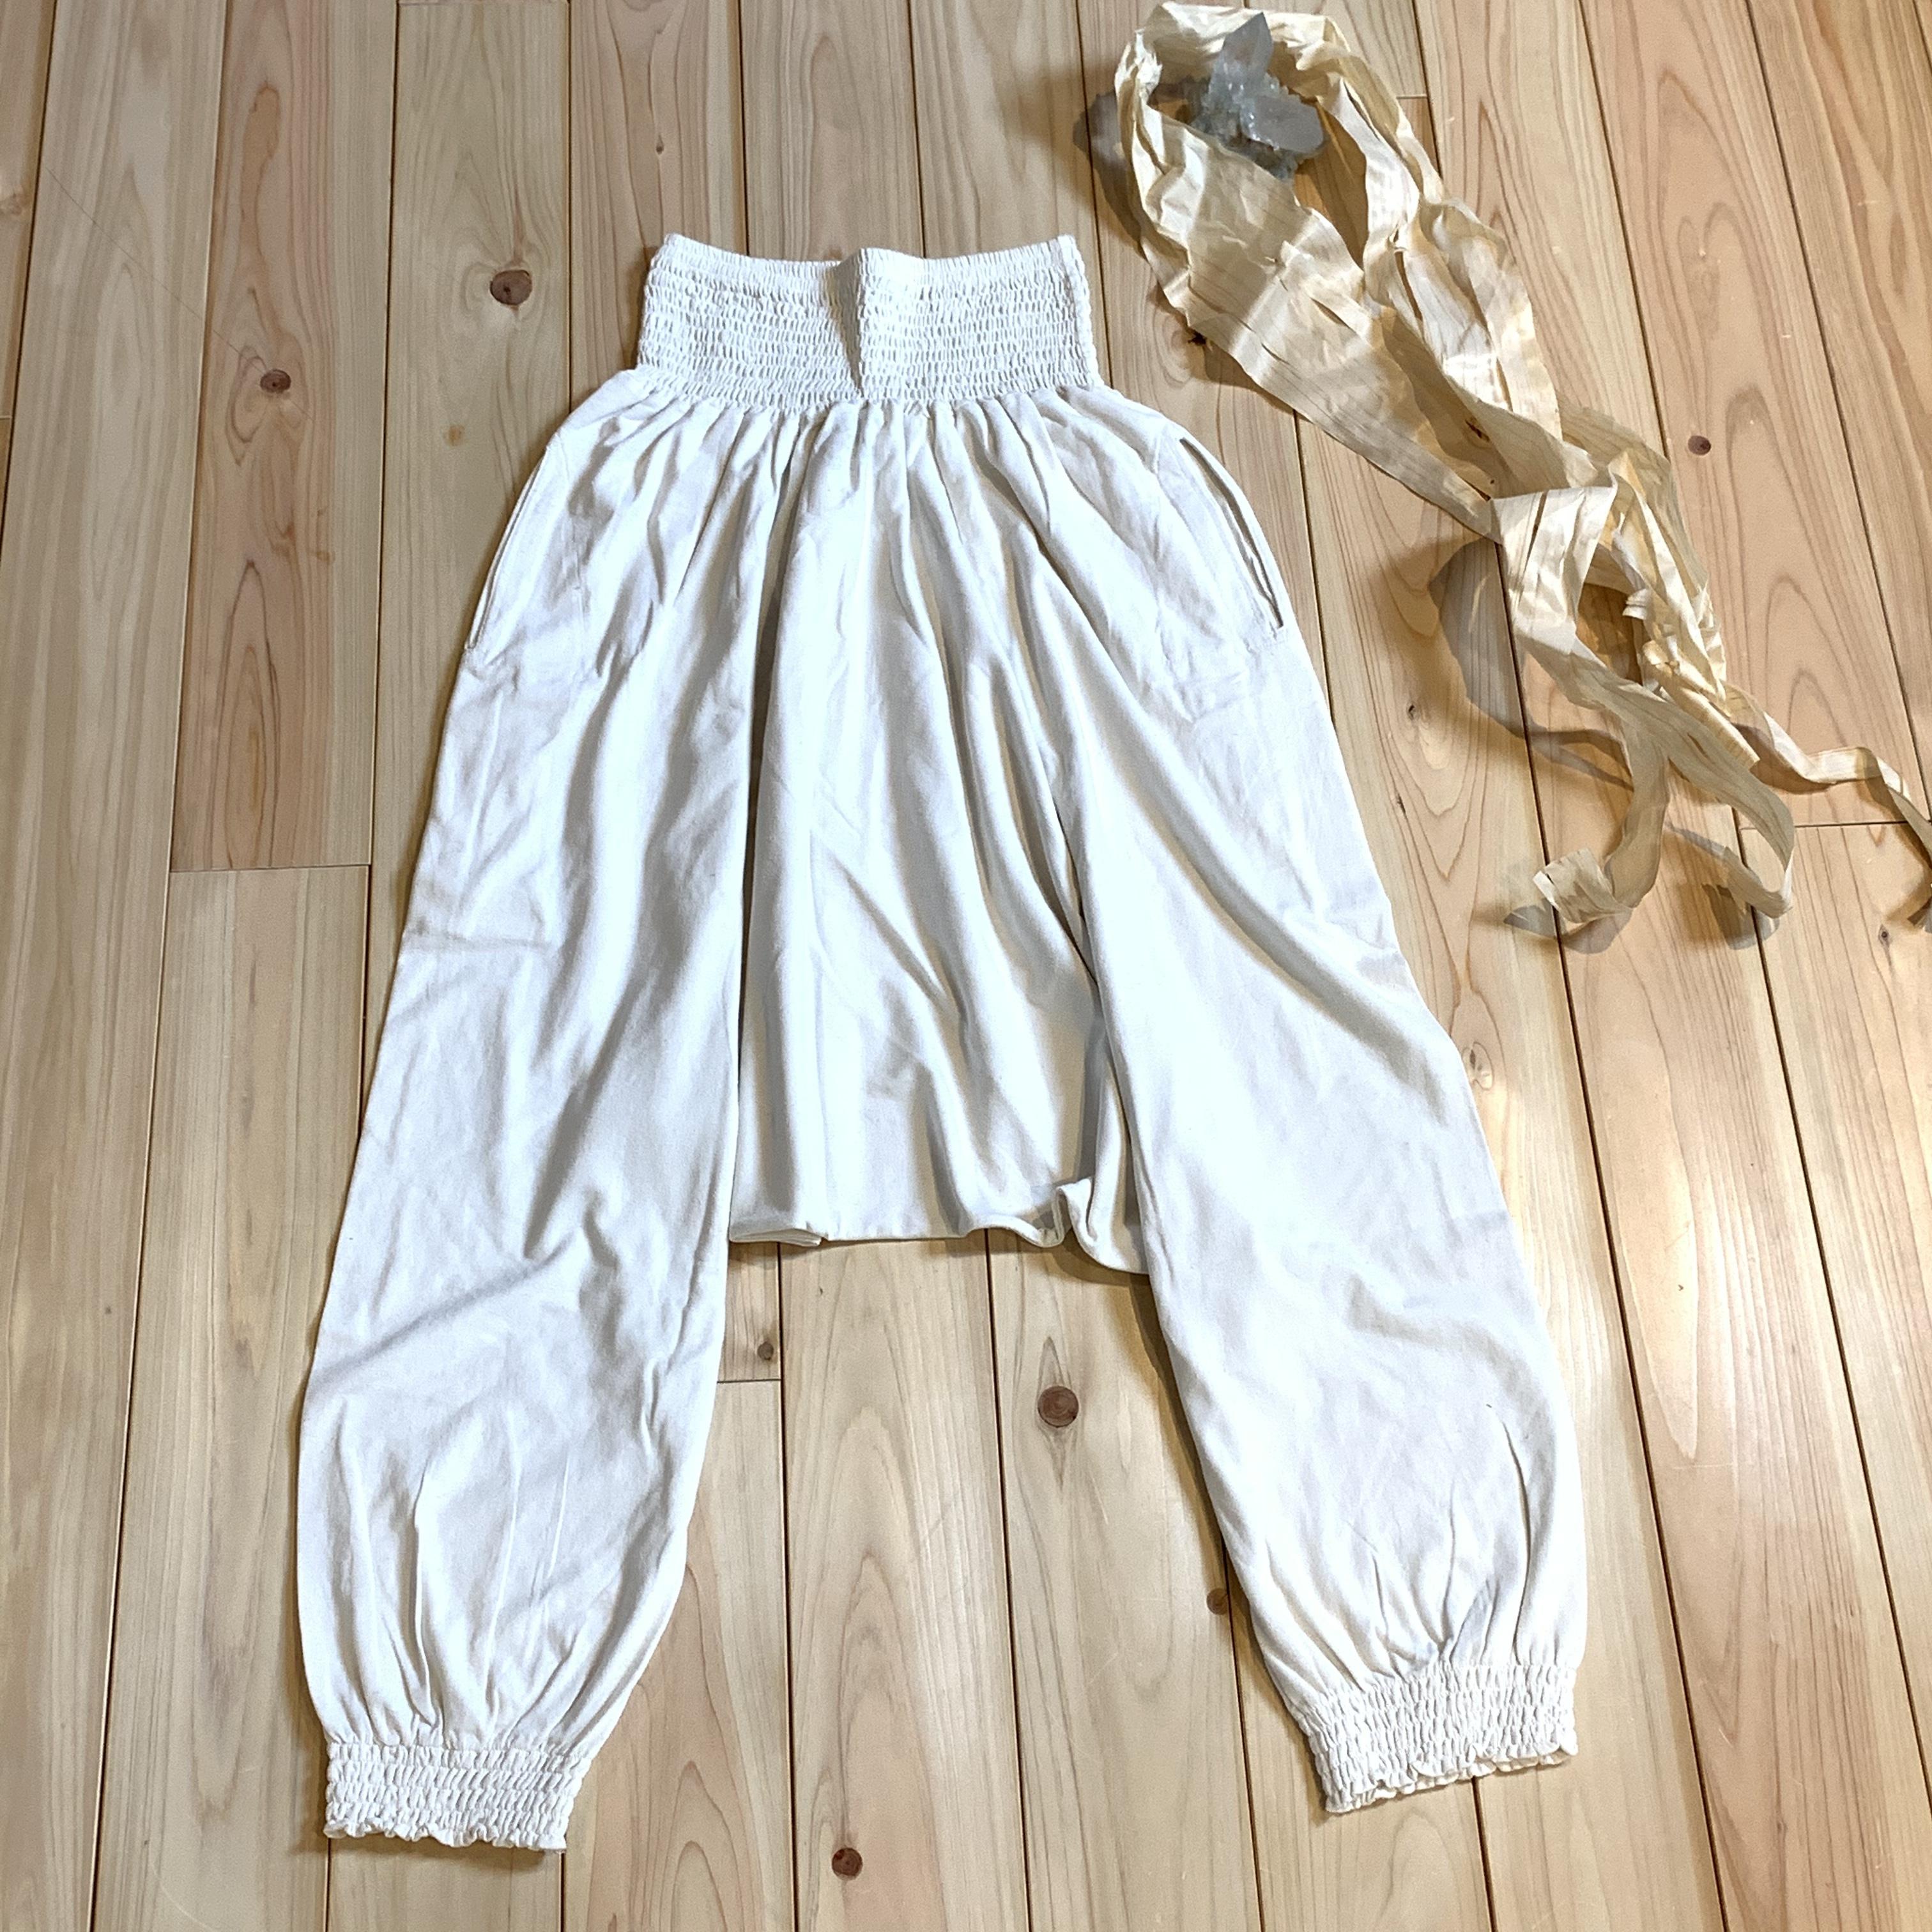 【先行販売価格】∞Momonga pants∞ Hemp/Cotton